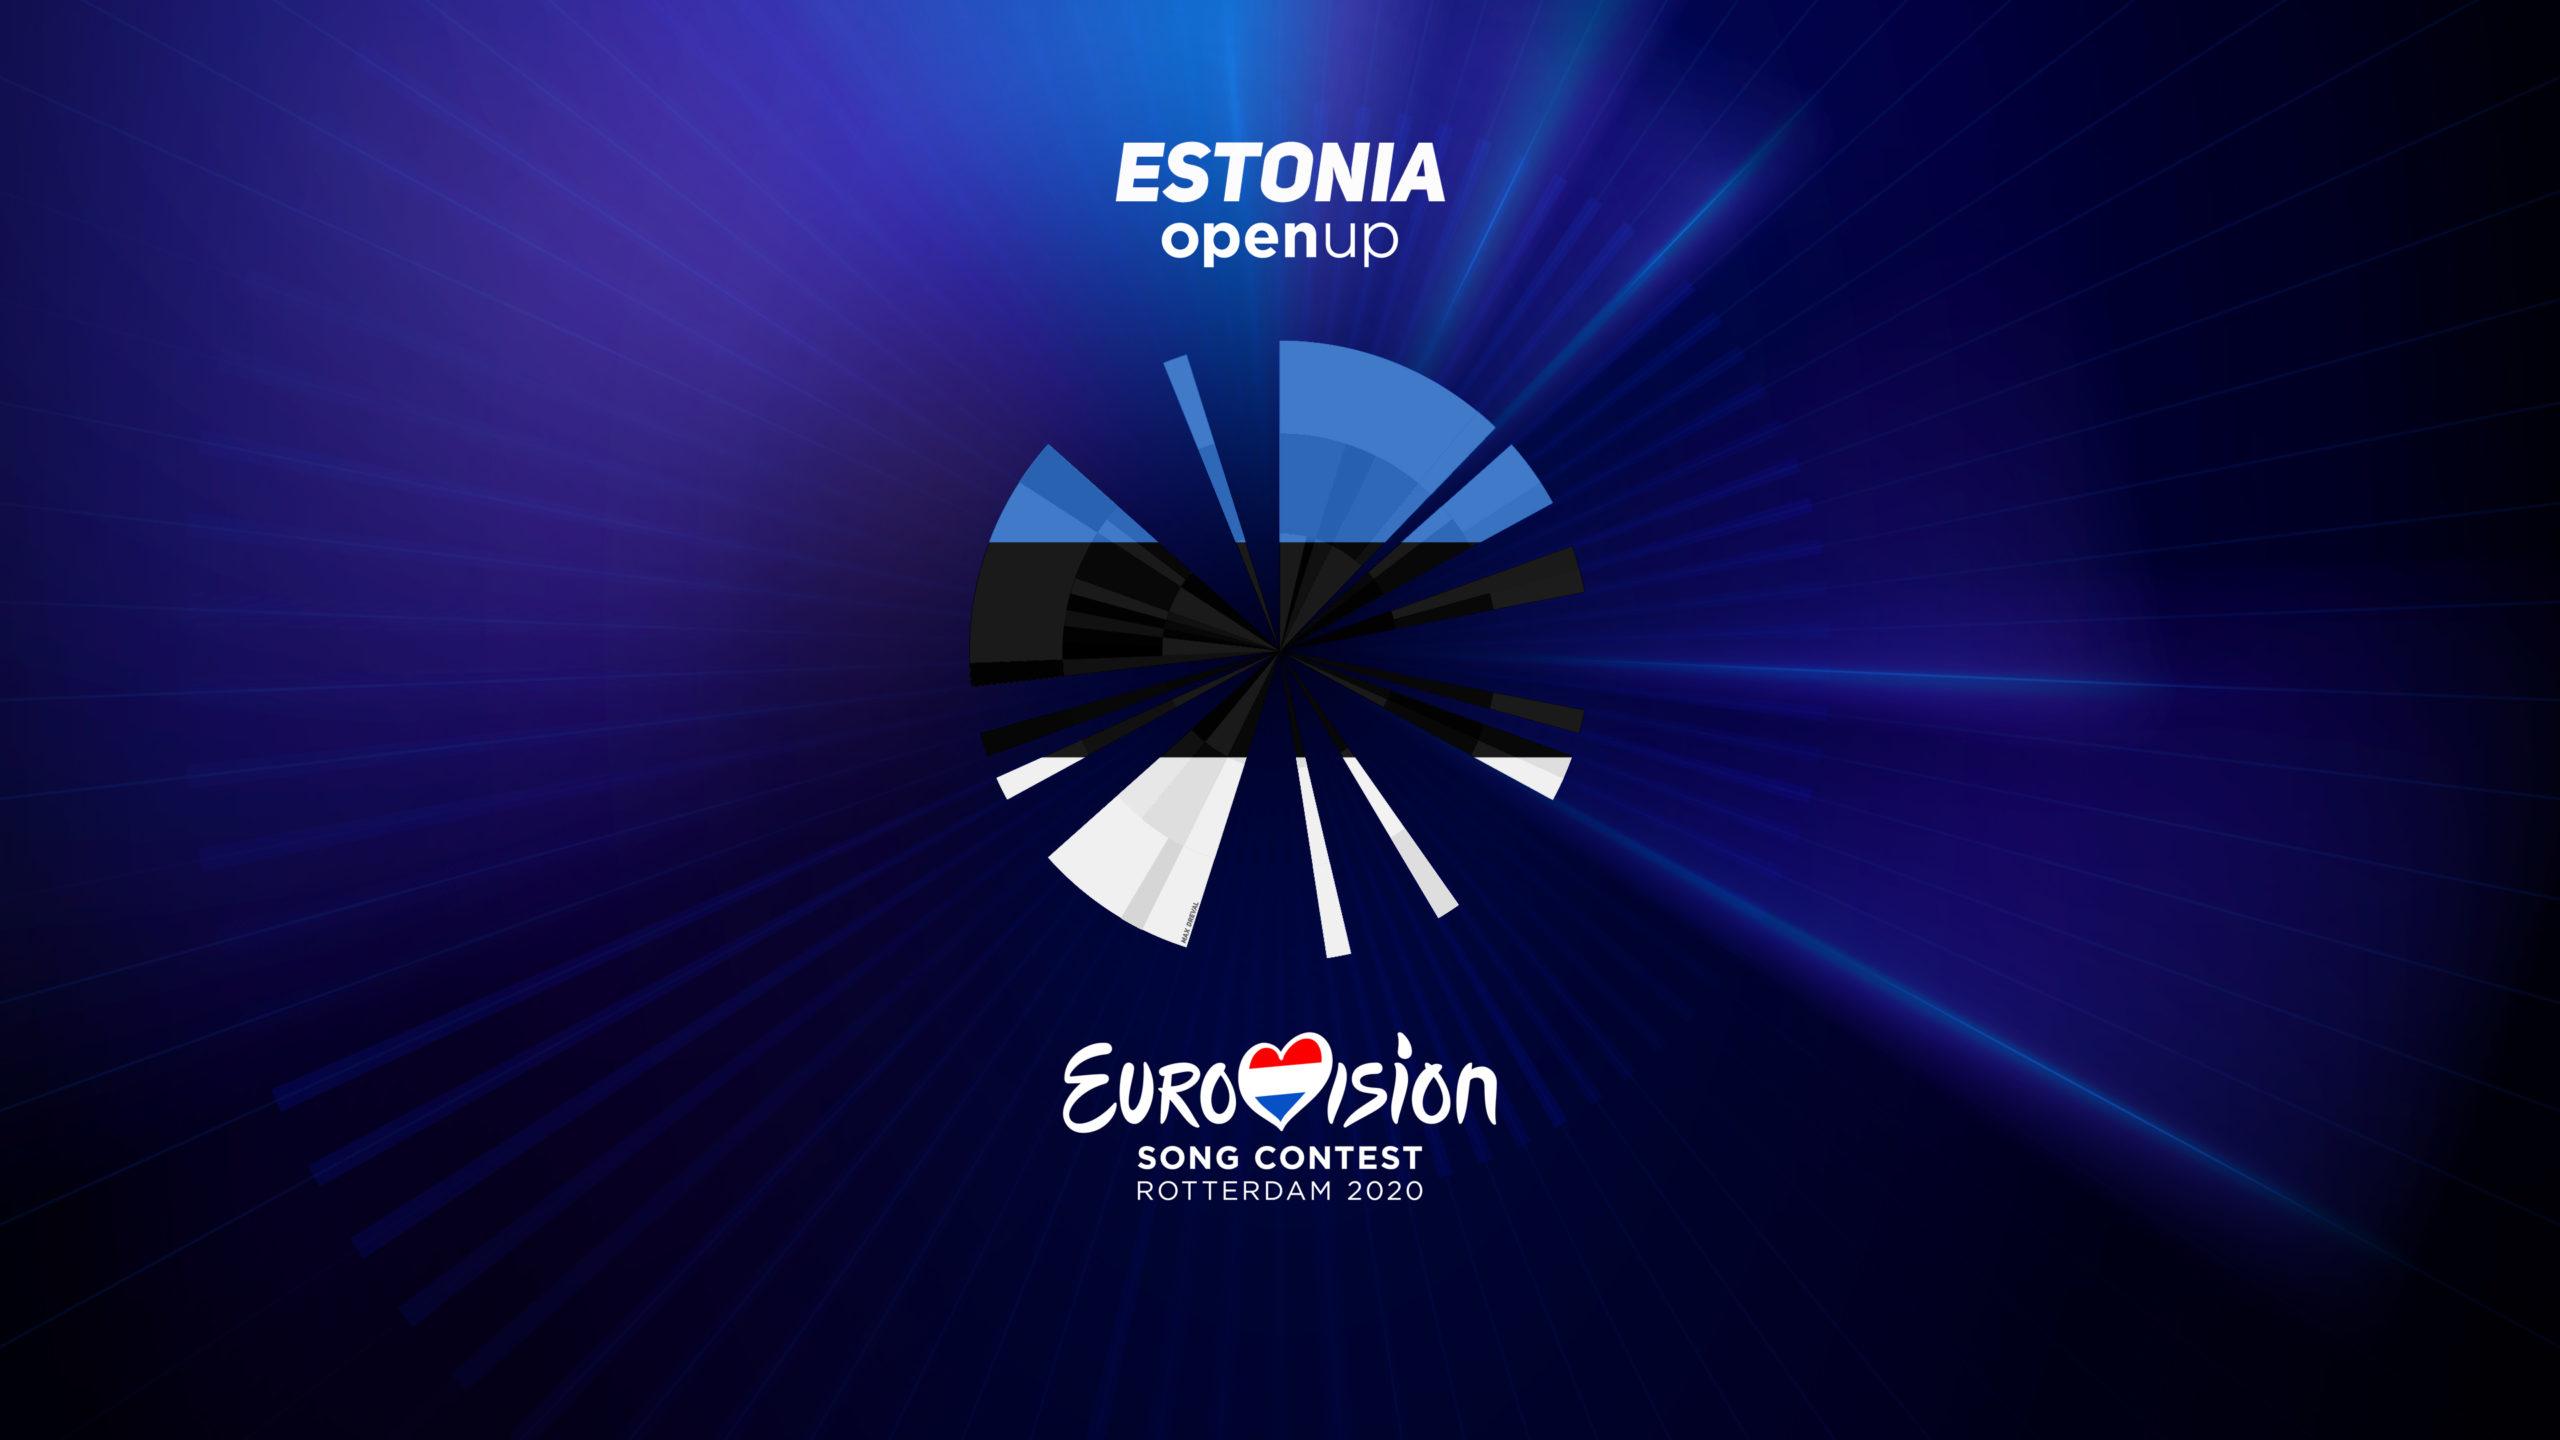 Estonia-scaled.jpg